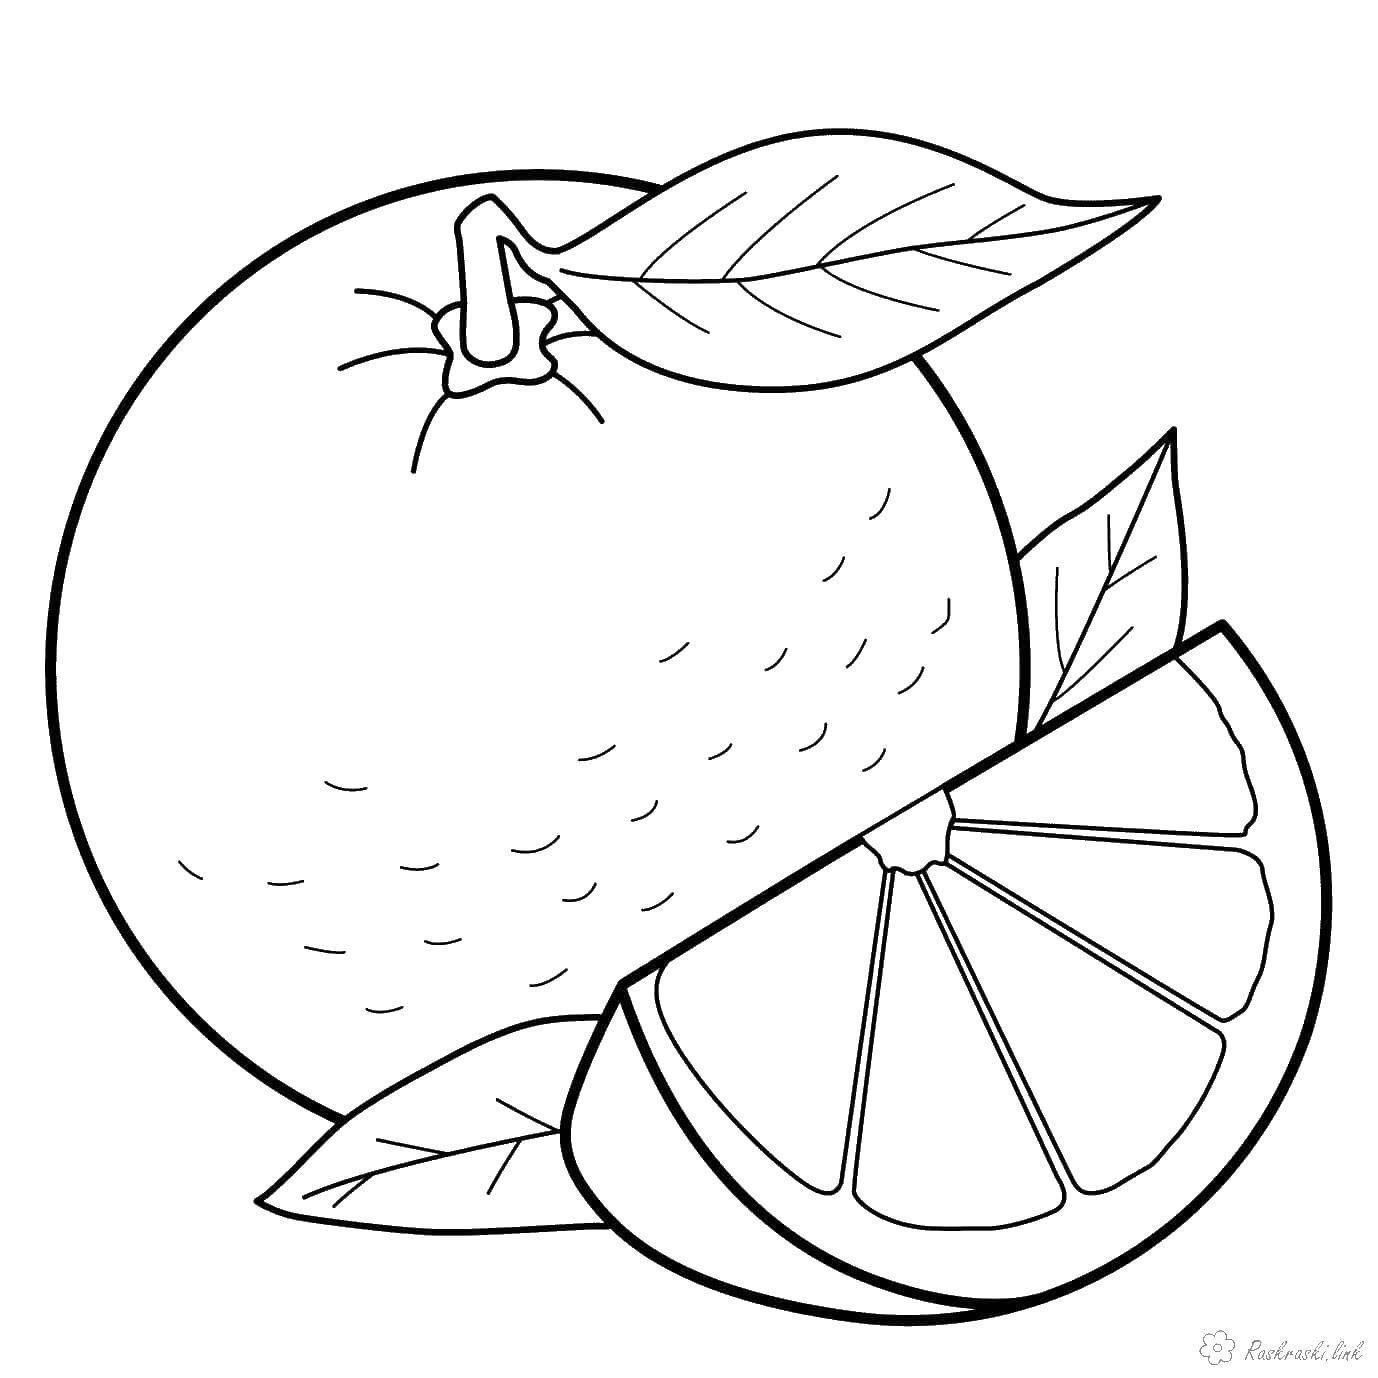 Раскраска фрукты Скачать Игры, Майнкрафт.  Распечатать ,майнкрафт,